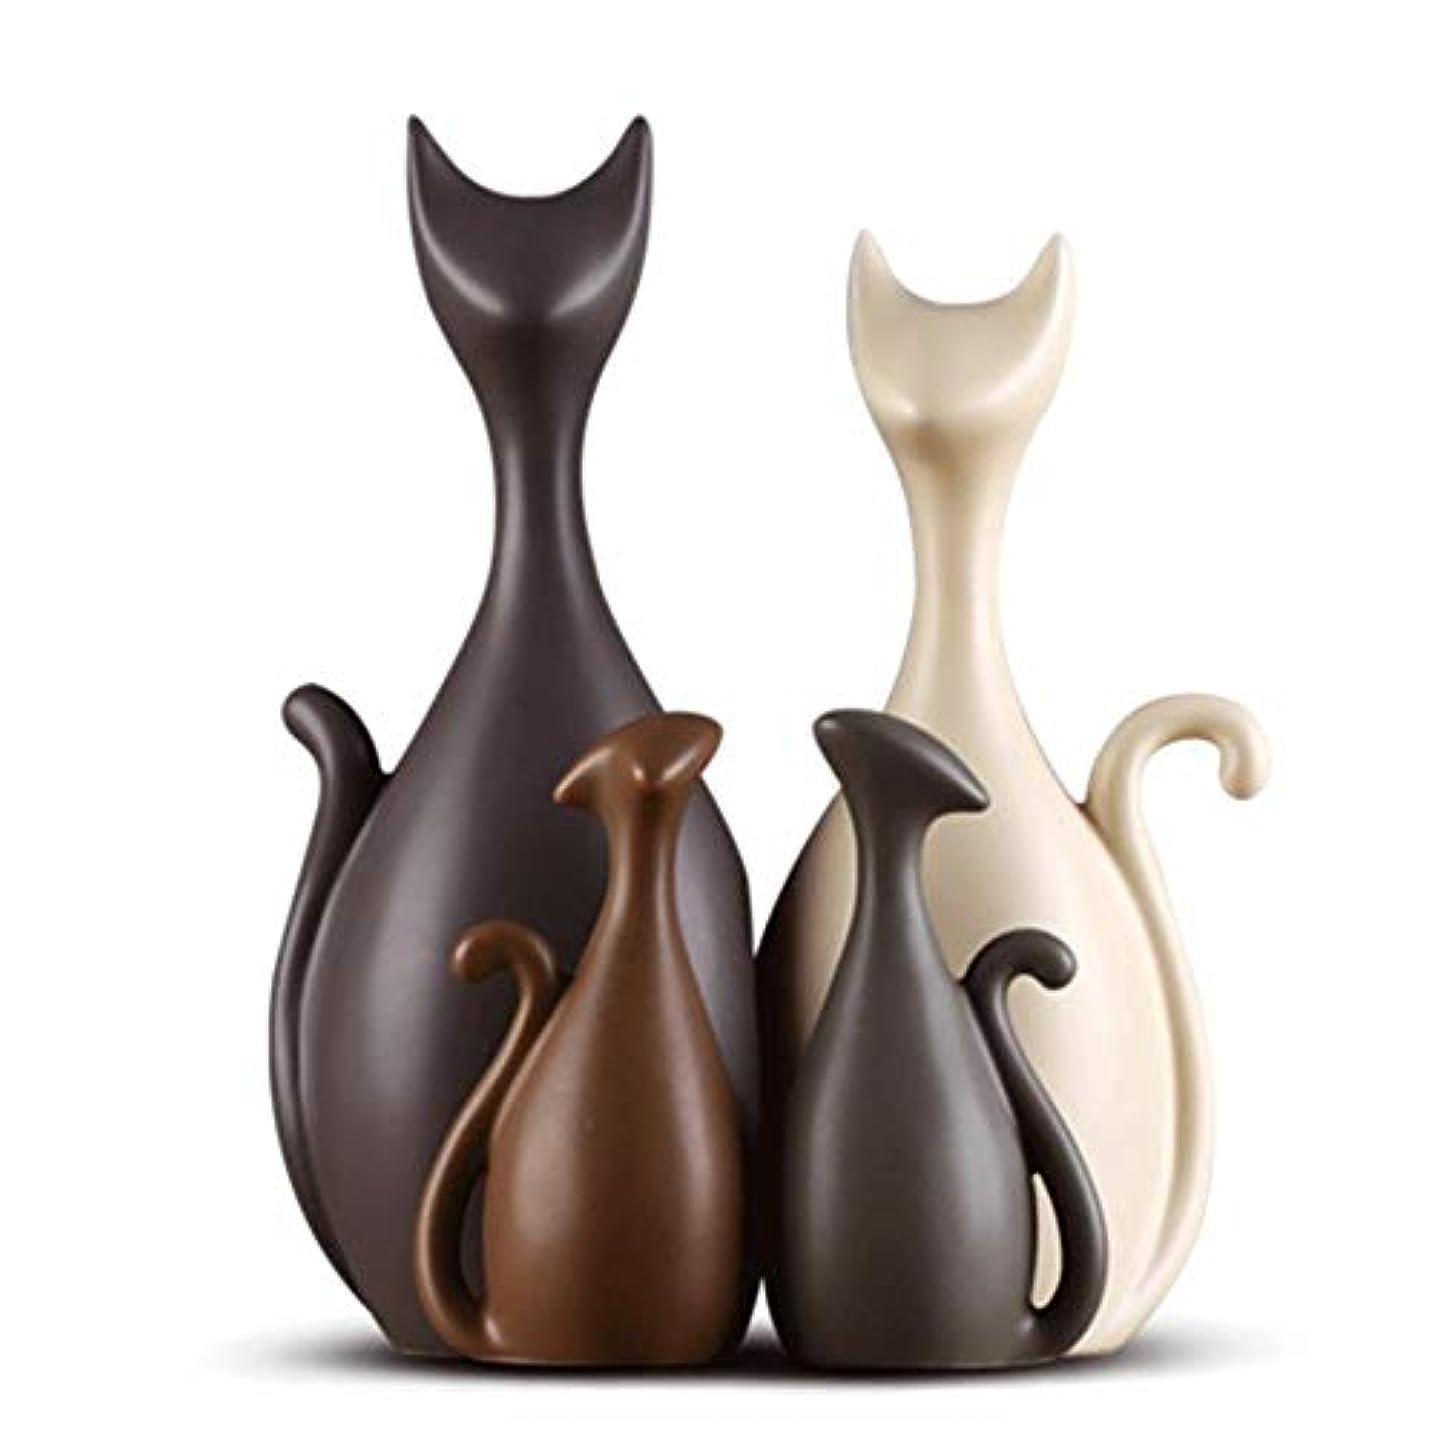 ハンバーガー時折ジムGWM かわいい猫家族のセラミック装飾品、装飾品磁器、アートワーククリエイティブカップルギフト、モダンなスタイルとクリエイティブ装飾的な要素